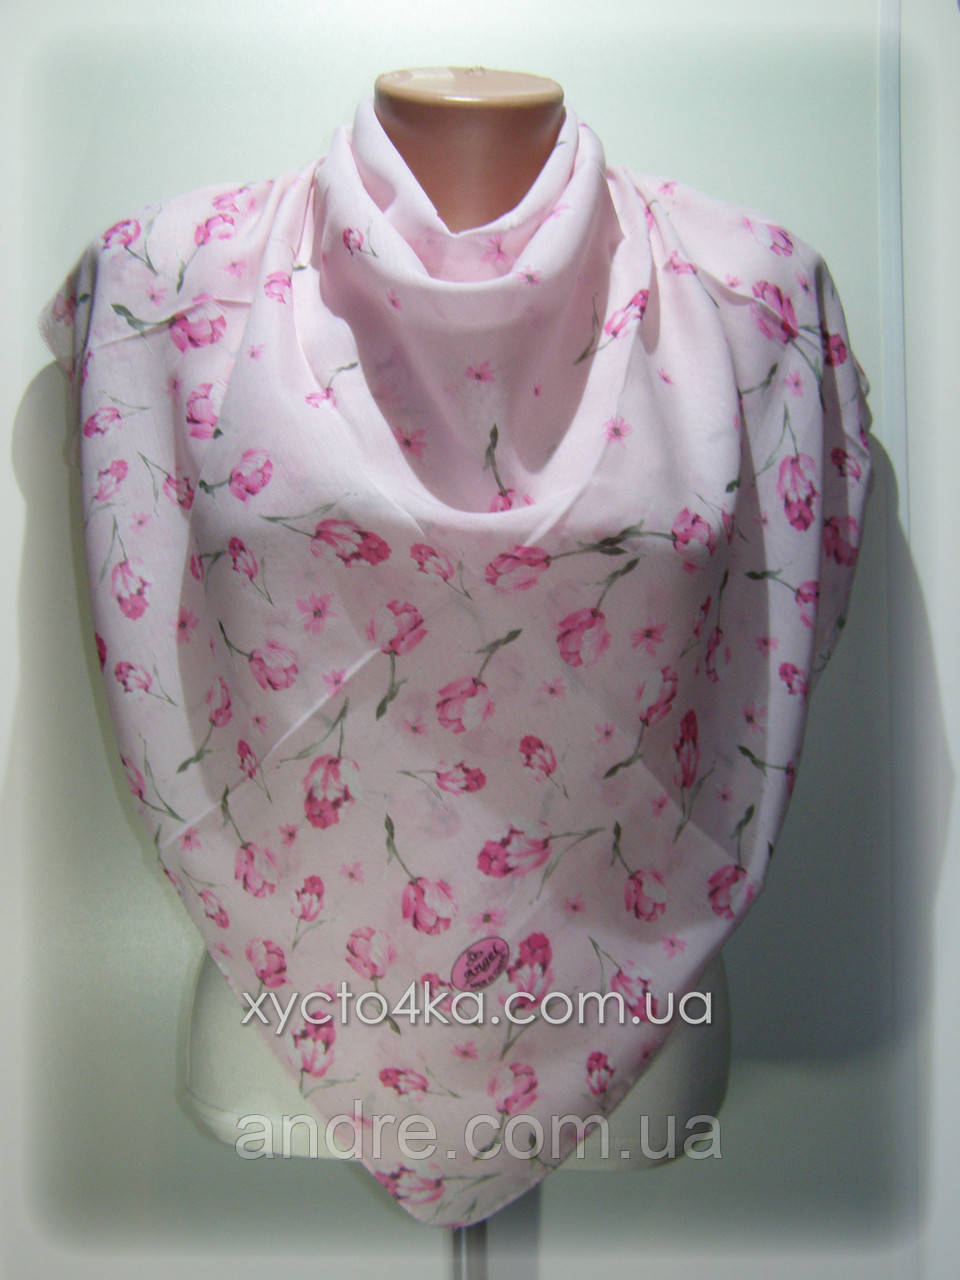 Платки на натуральной основе Эдельвейс, розовый